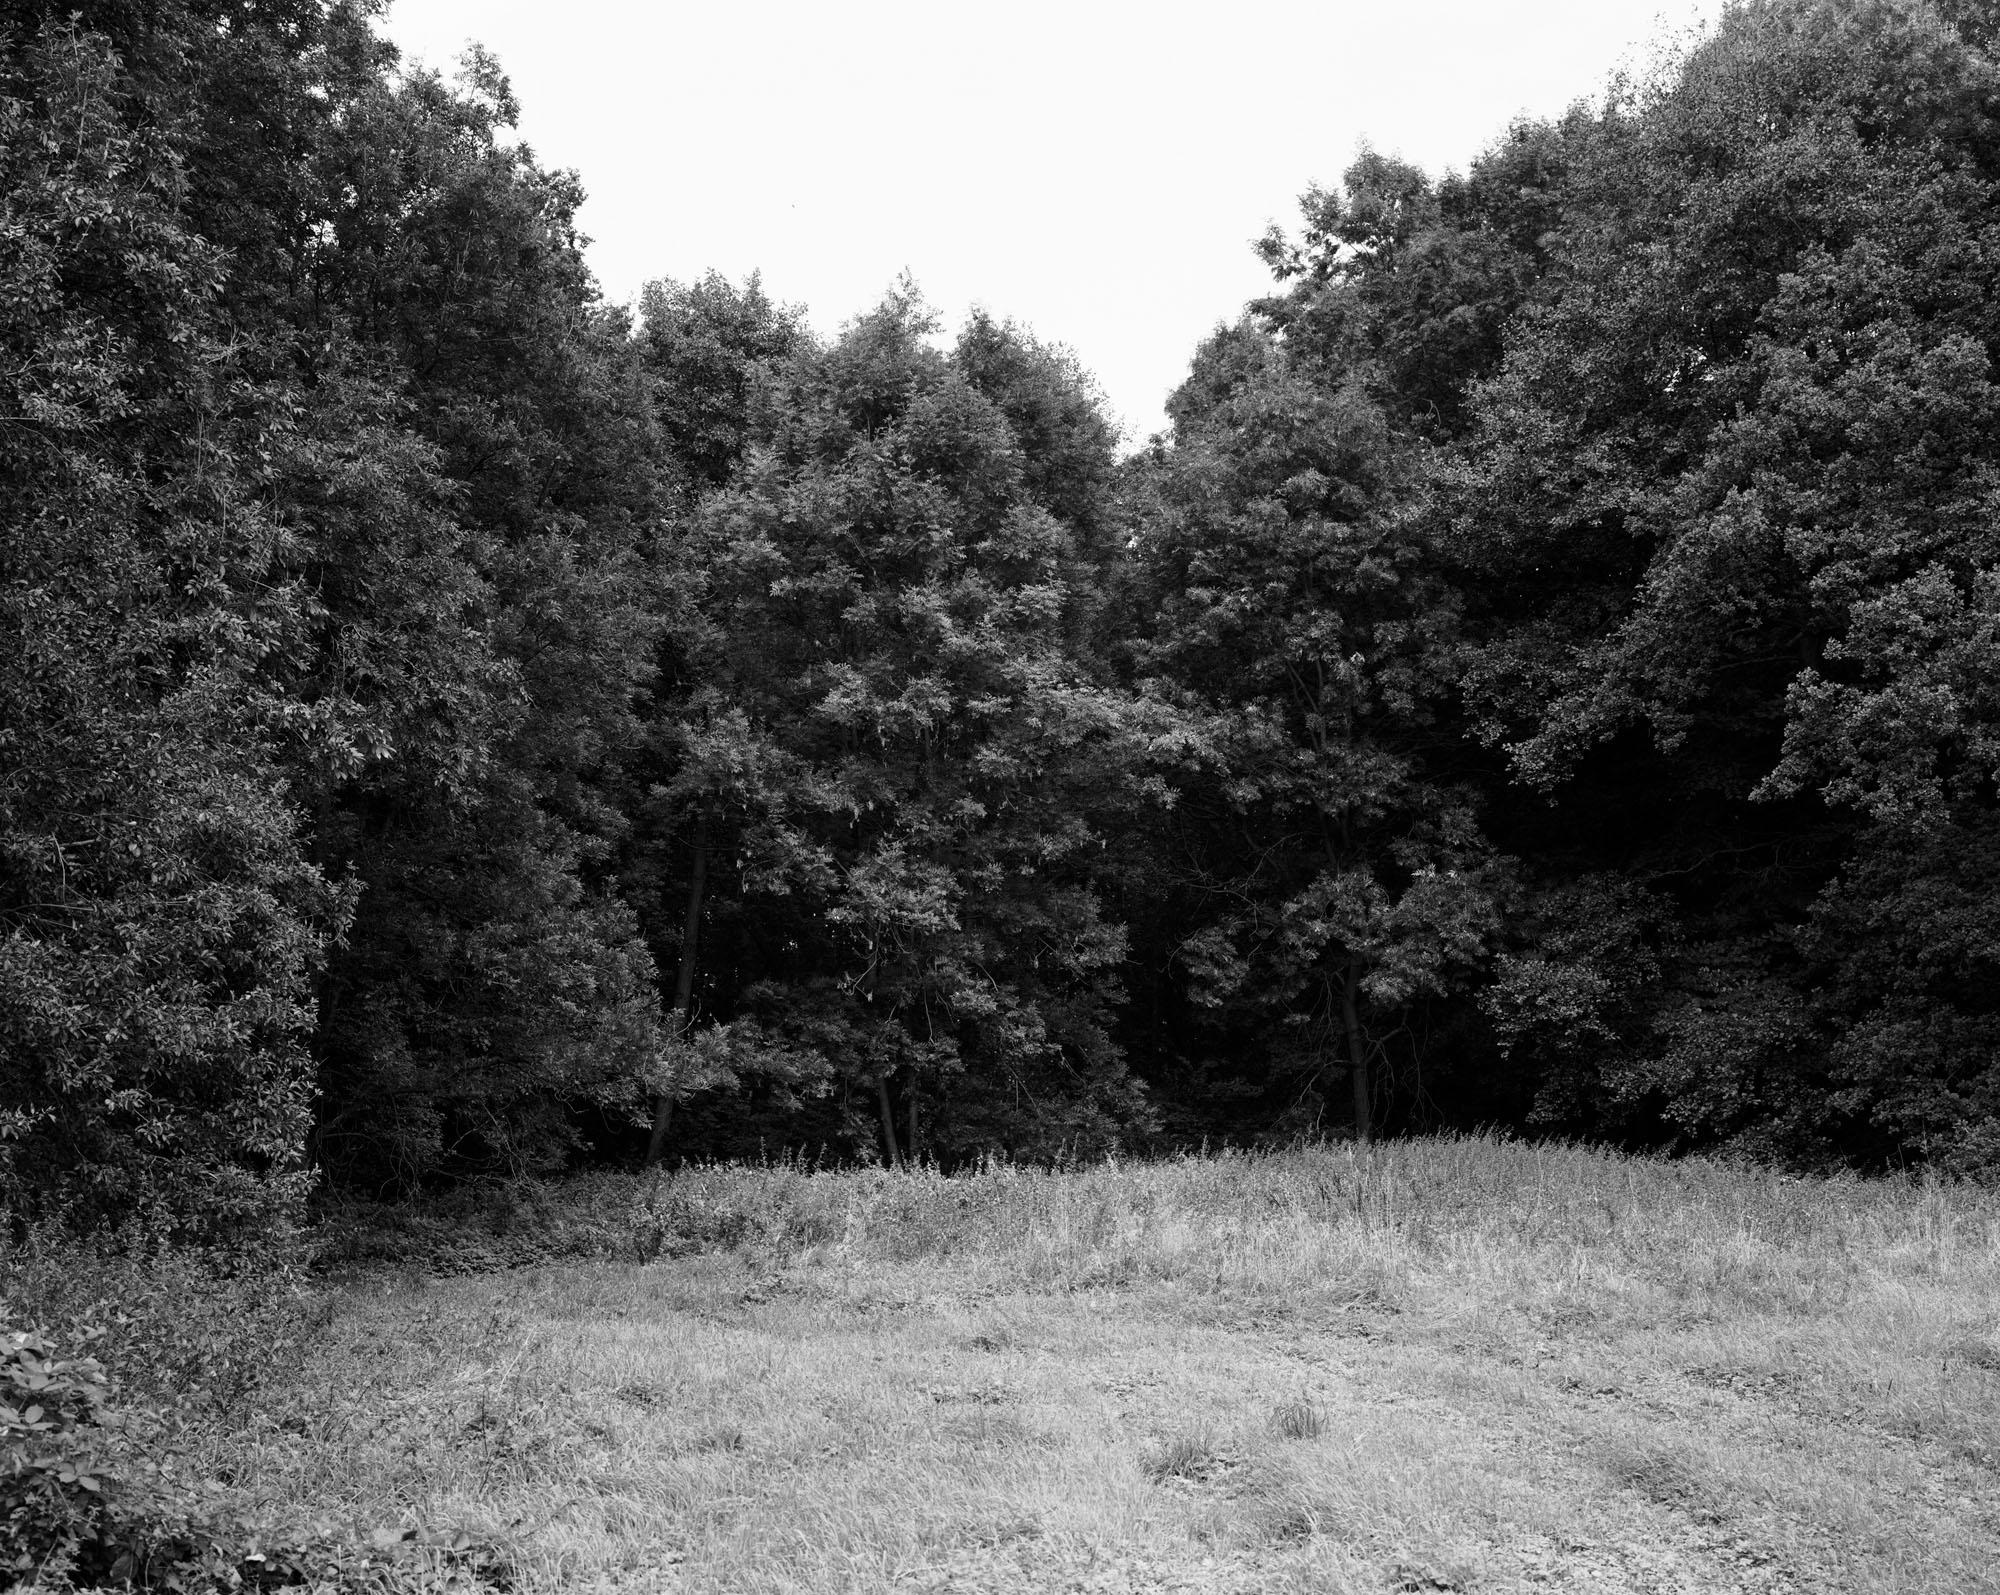 Foto: Groß Grabenstedt I, Landkreis Salzwedel/Sachsen-Anhalt, erstmals urkundlich erwähnt: 1291, gewüstet: 1986 © Anne Heinlein